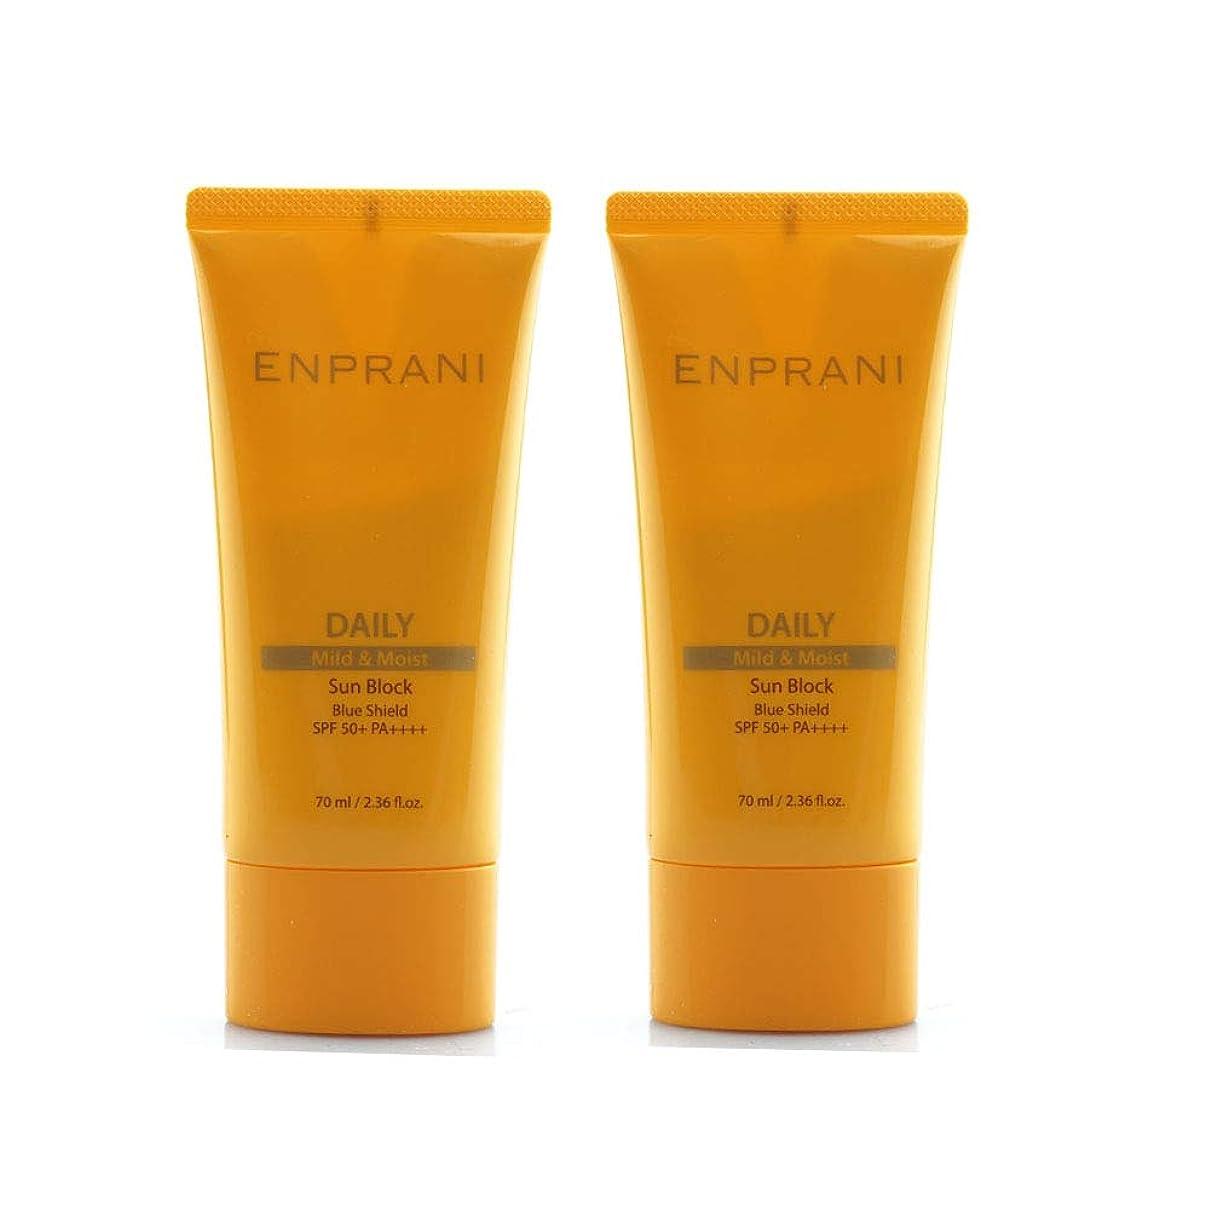 学期郡能力エンプラニデイリーサンブロックSPF50+/ PA++++ 70mlx2本セットサンクリーム、Enprani Daily Sun Block SPF50+ / PA++++ 70ml x 2ea Set Sun Cream [並行輸入品]